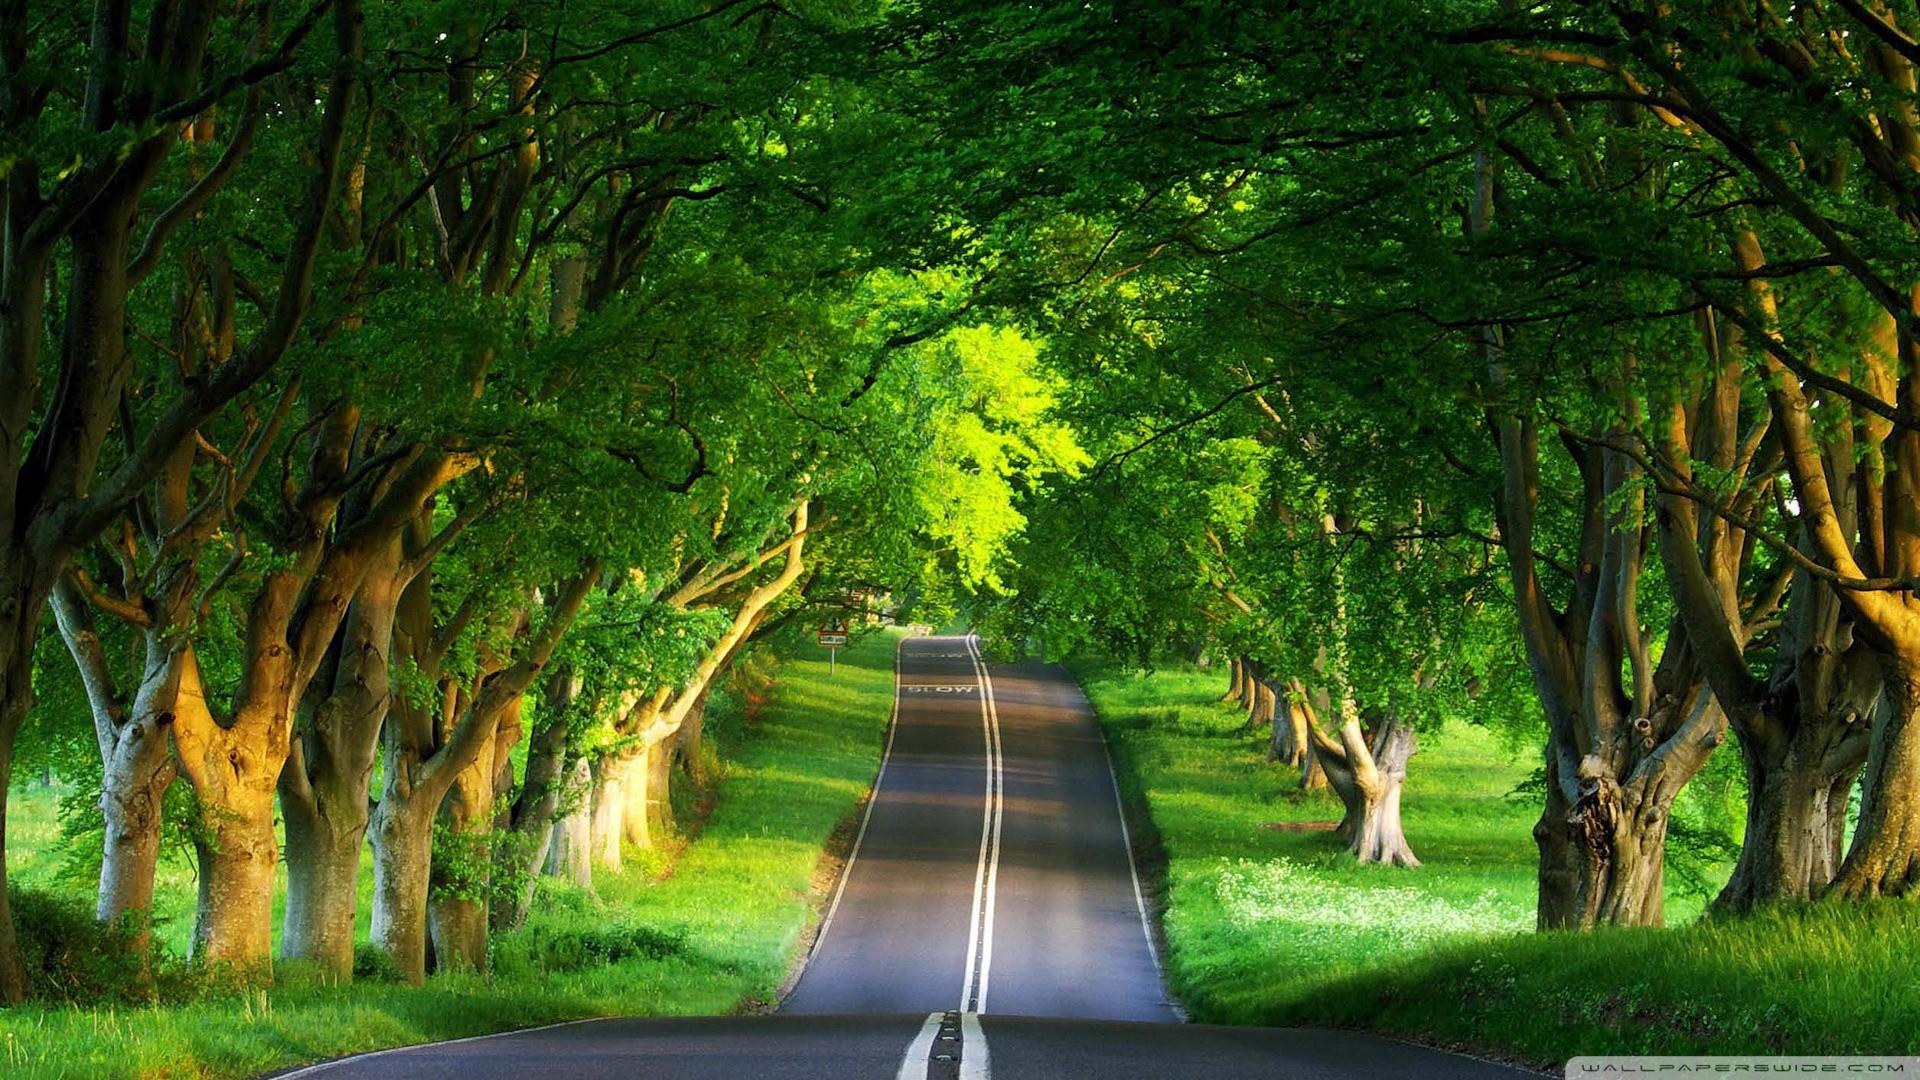 nature wallpaper hd,natural landscape,green,nature,tree,natural environment